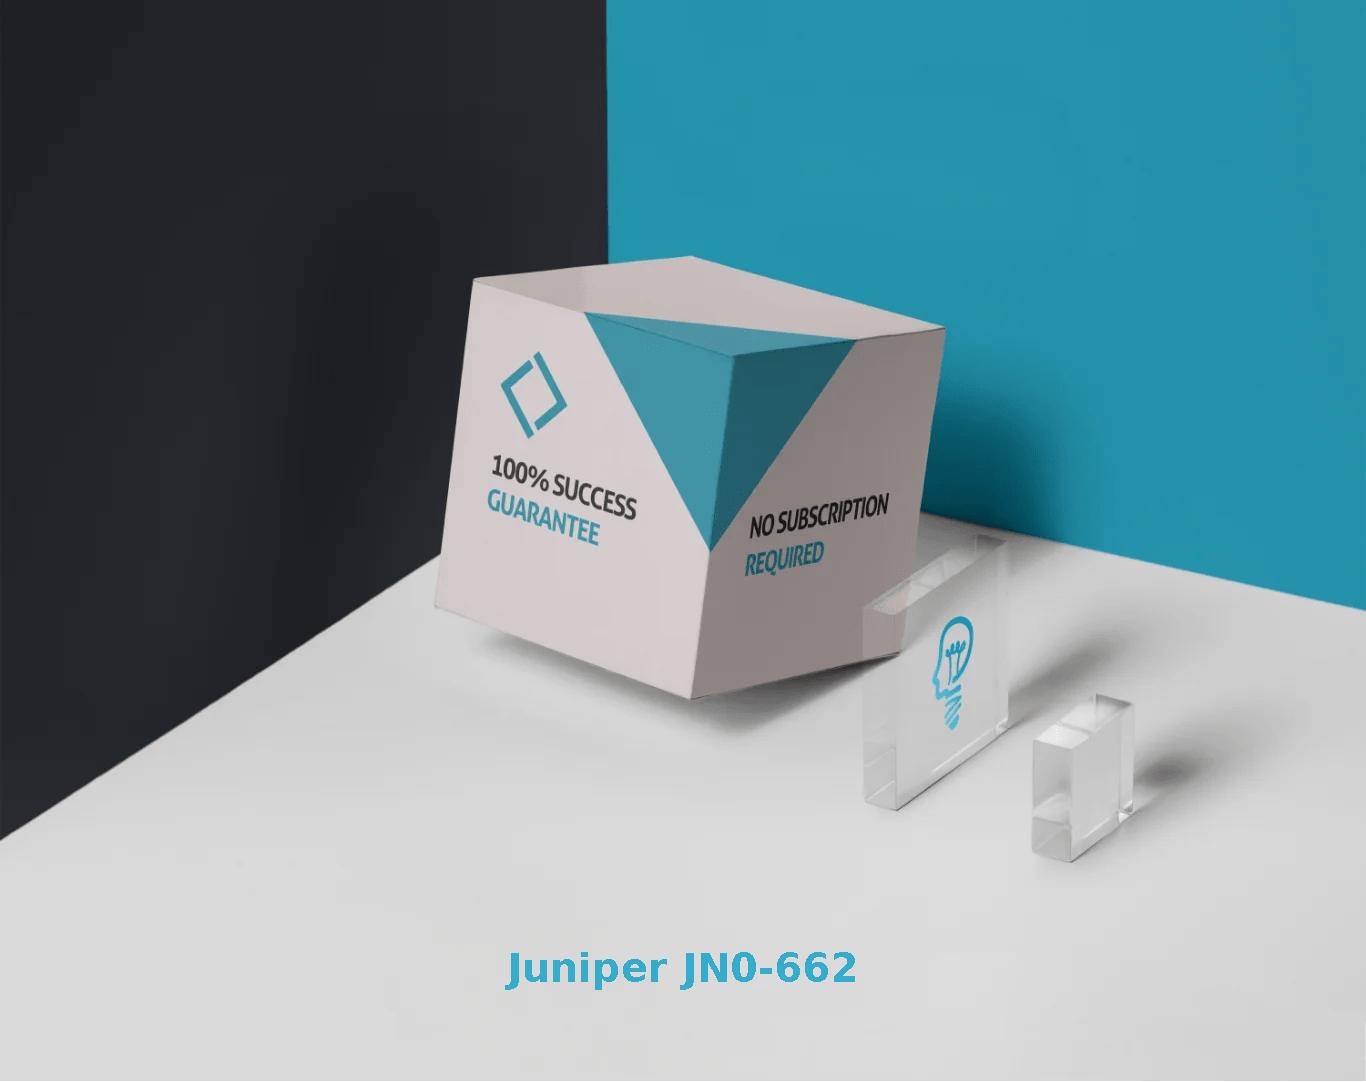 JN0-662 Dumps